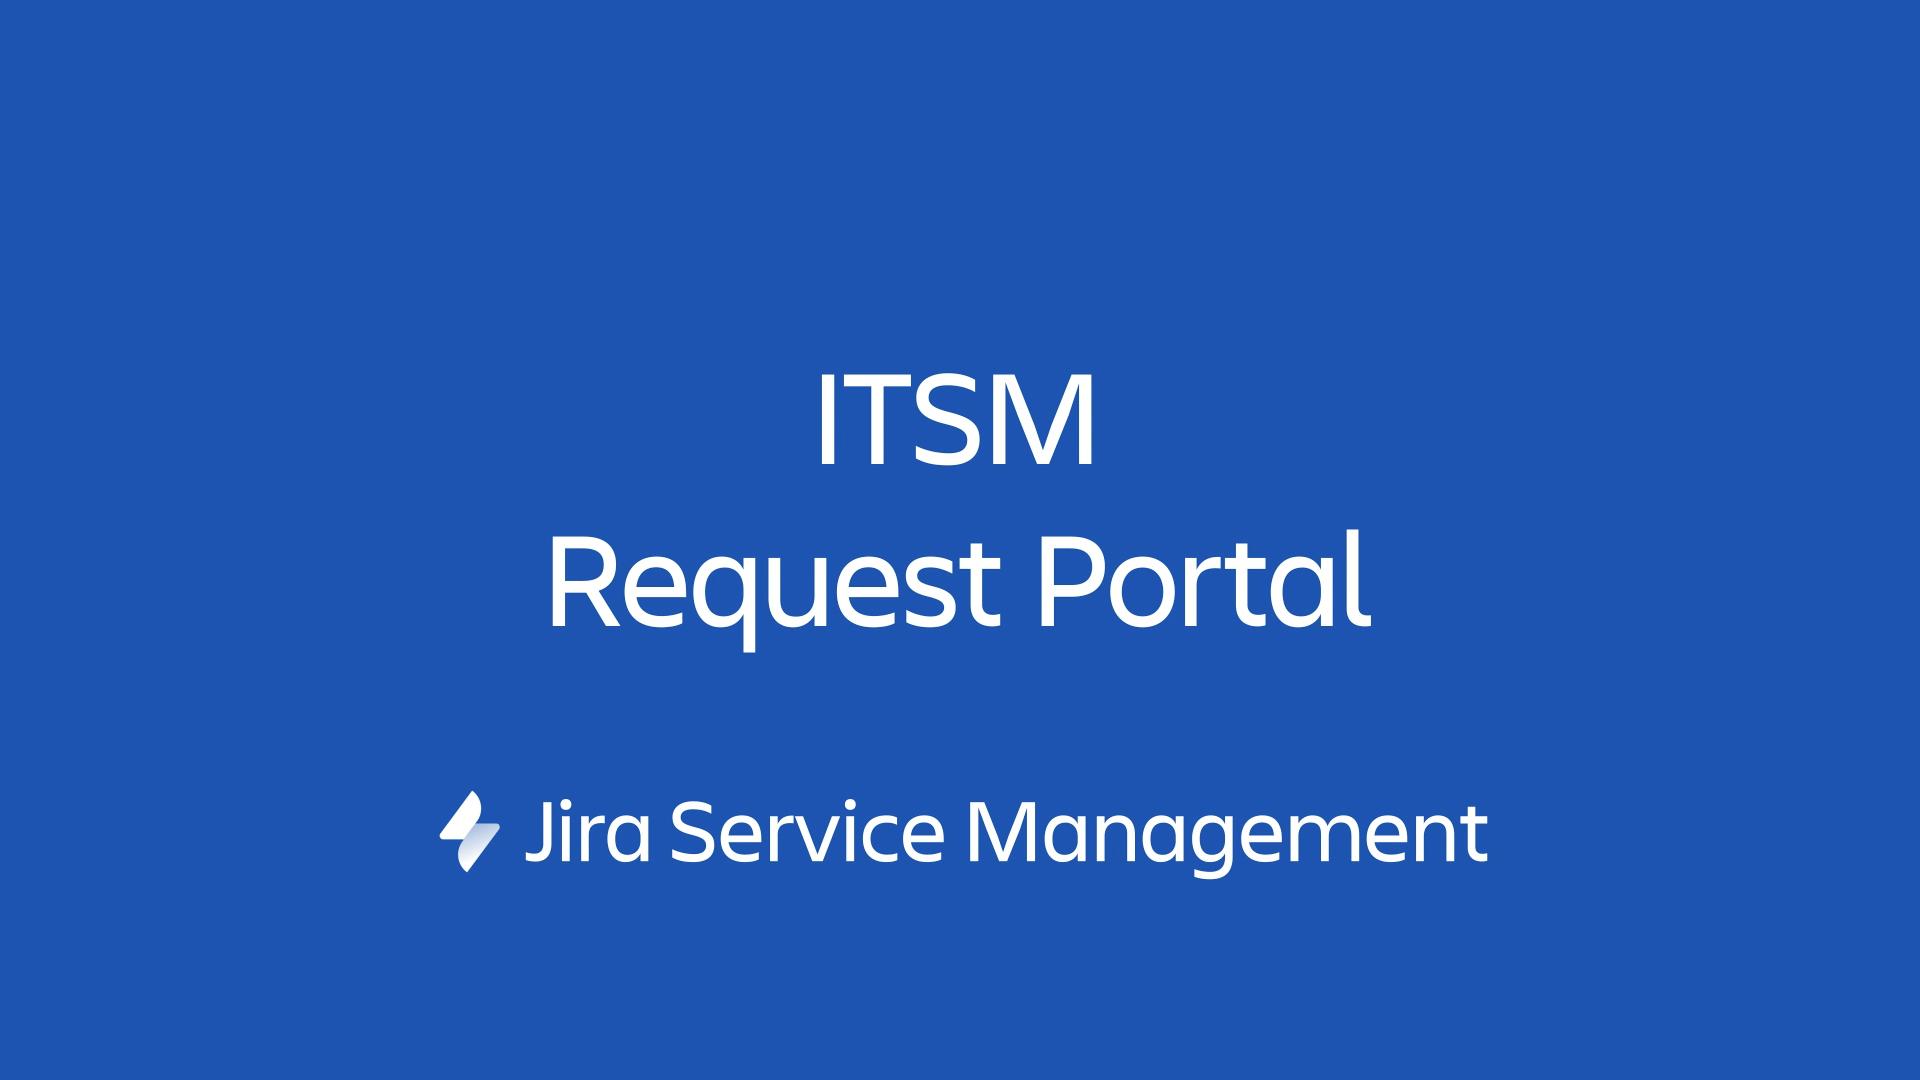 Jira Service Management での ITSM リクエスト ポータル